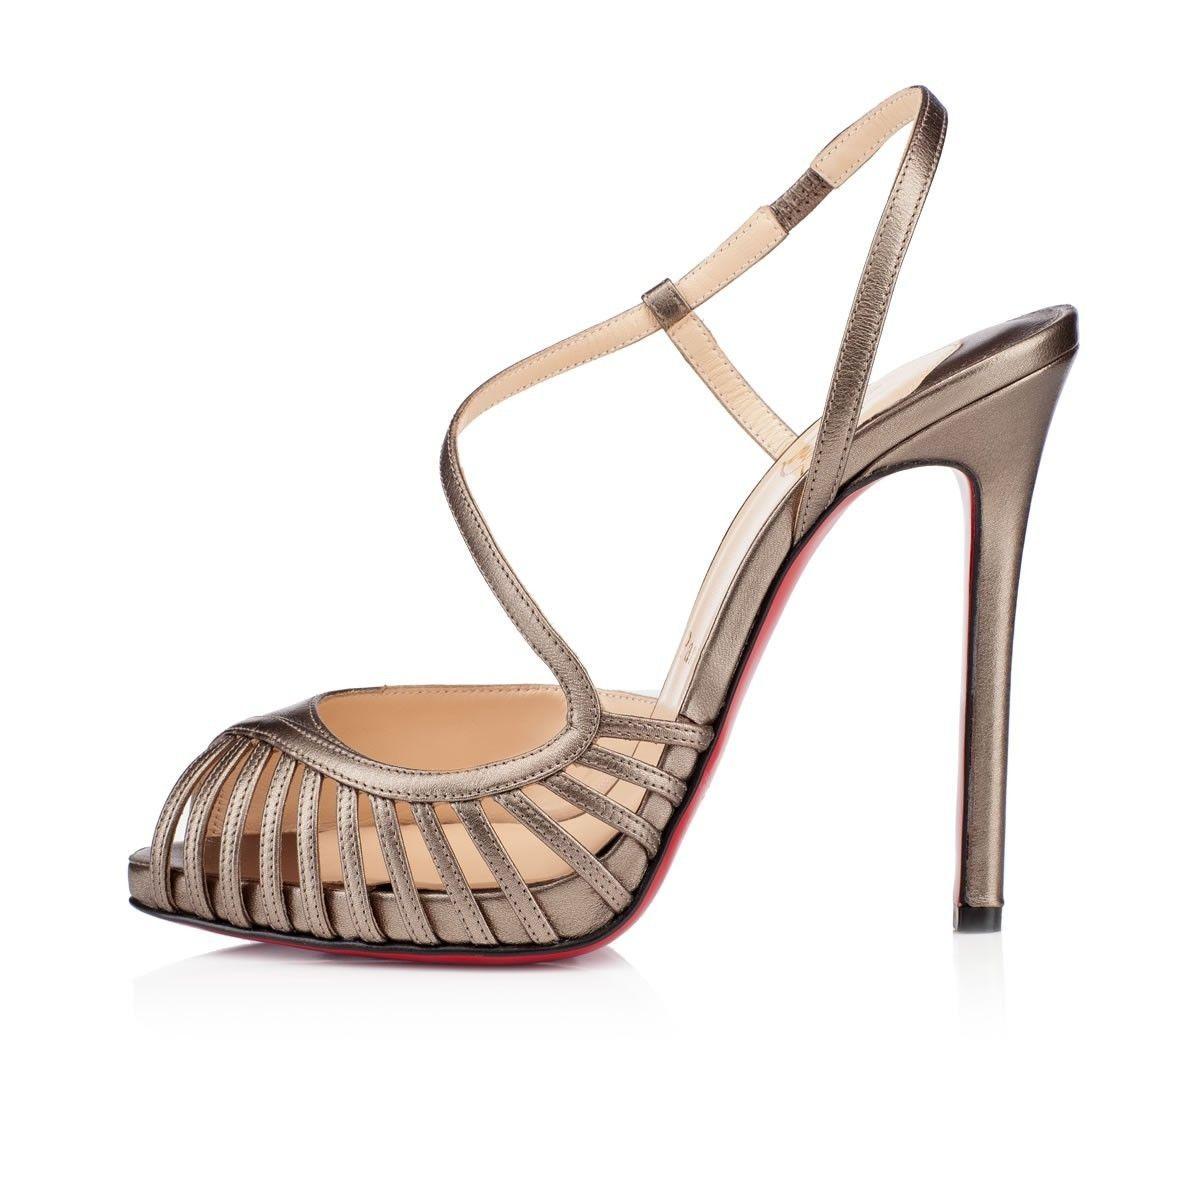 Chaussure Louboutin Pas Cher Escarpins Scoubridou 120mm Bronze 1  #redbottomshoes